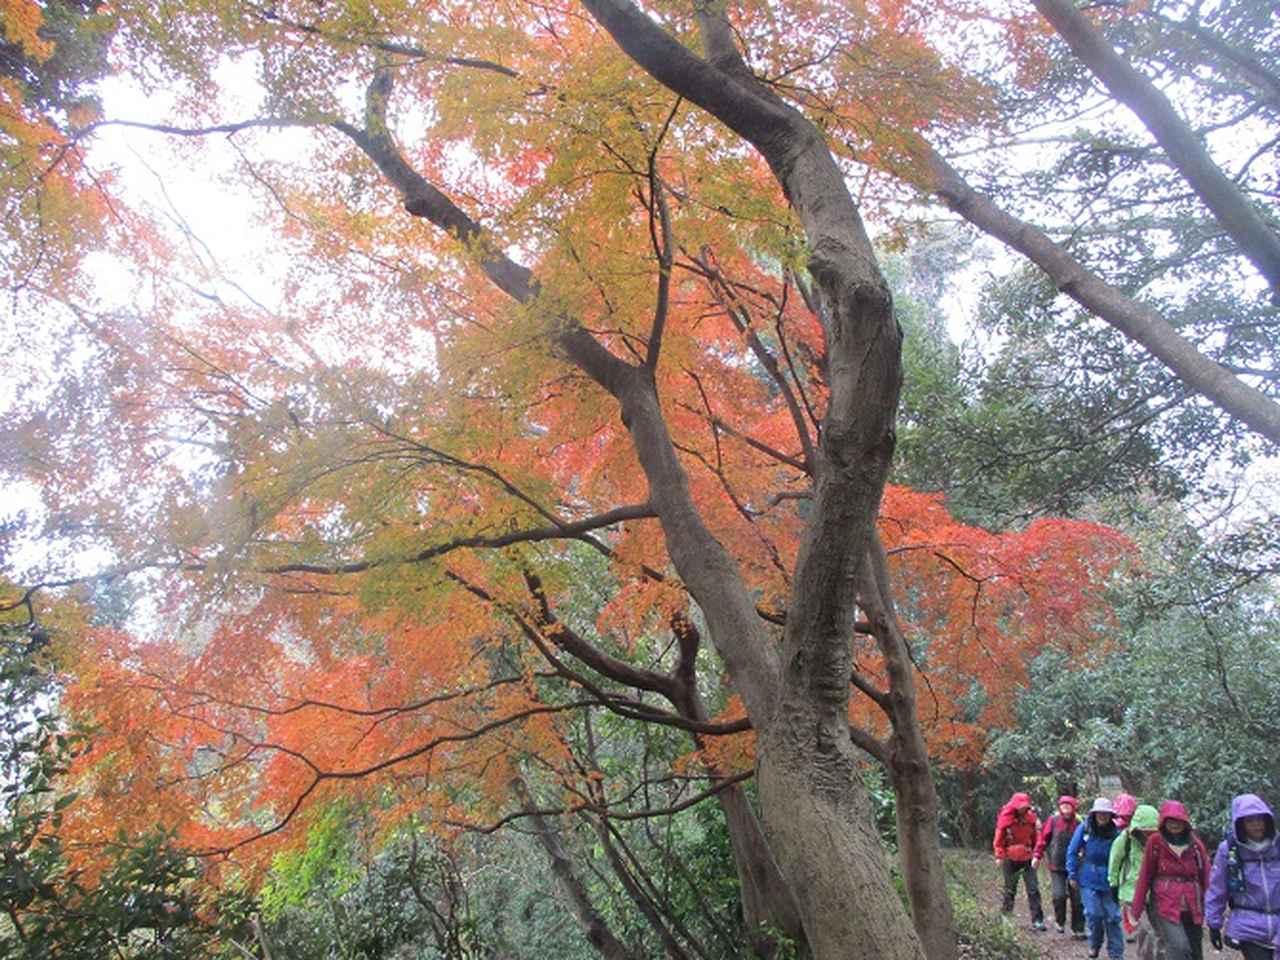 画像5: 先日12月22日に山旅会現地集合 「能見堂緑地から天園」 ツアーにいってまいりました!